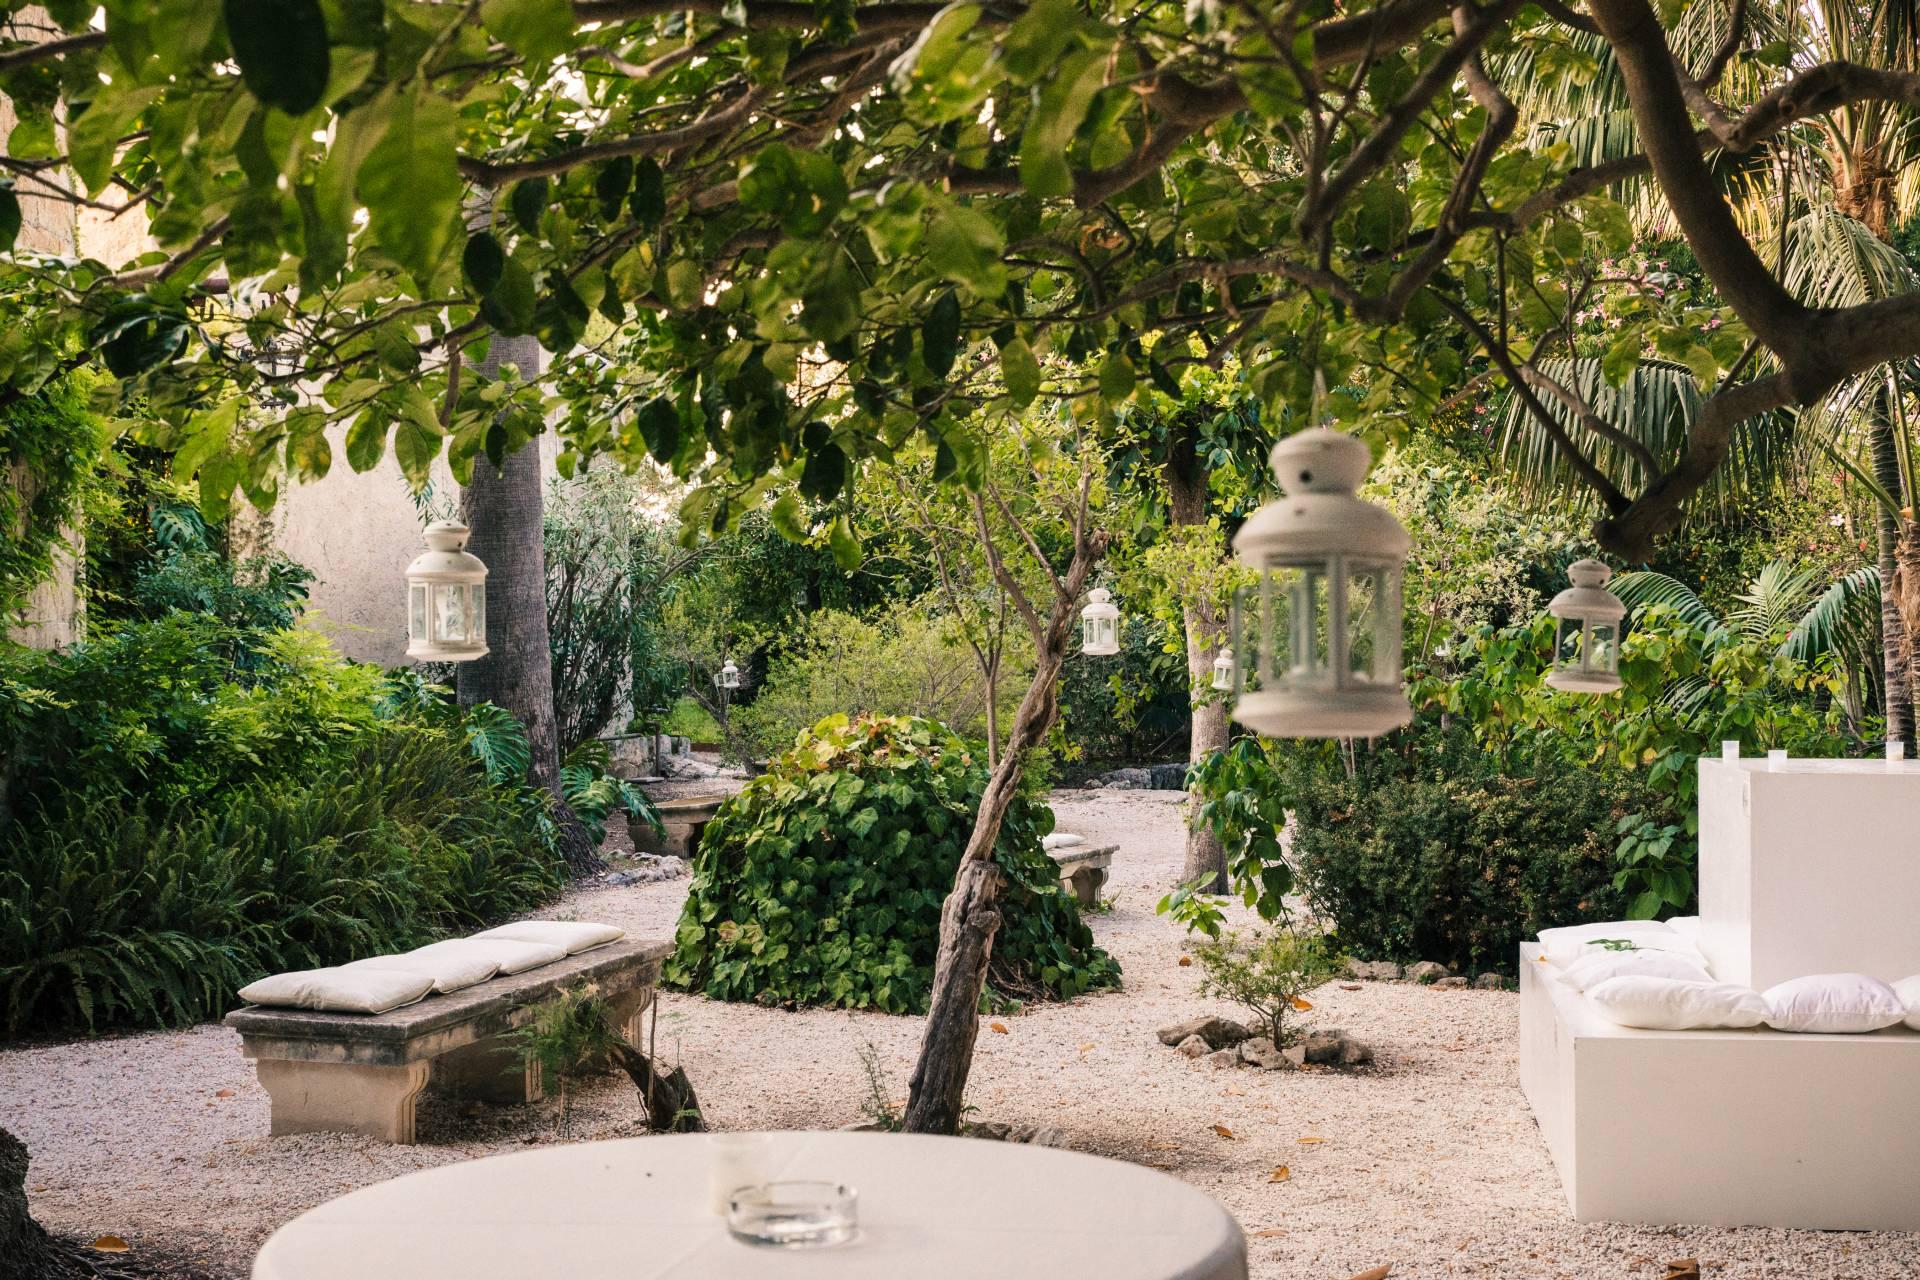 Giardino storico, allestimento con cuscini e lanterne